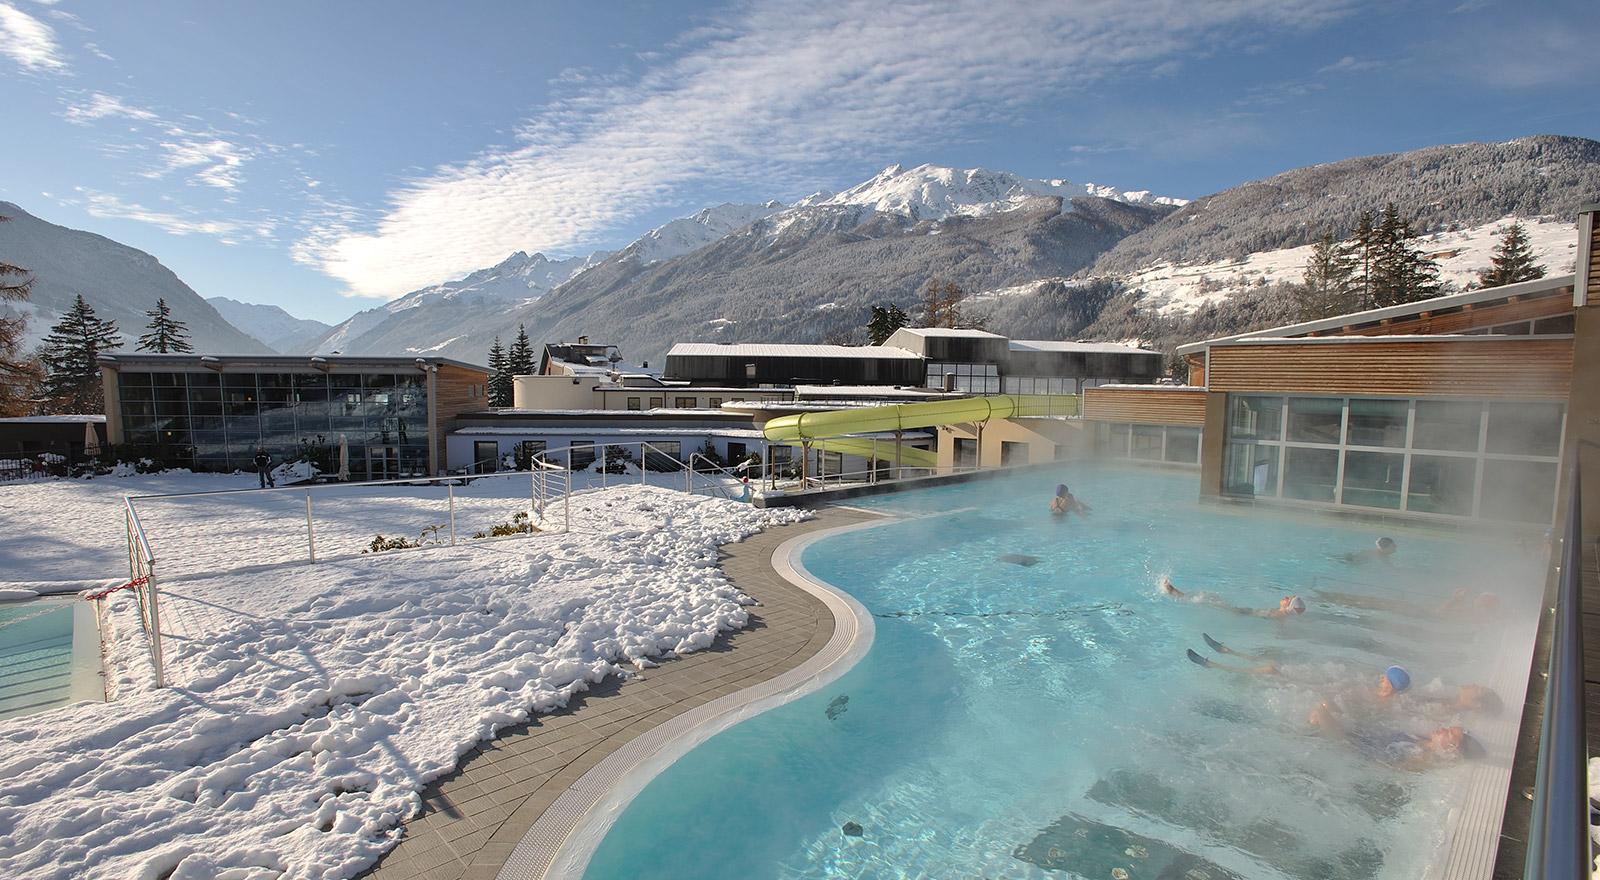 Terme di bormio hotel convenzionato con le terme di - Hotel bormio con piscina ...